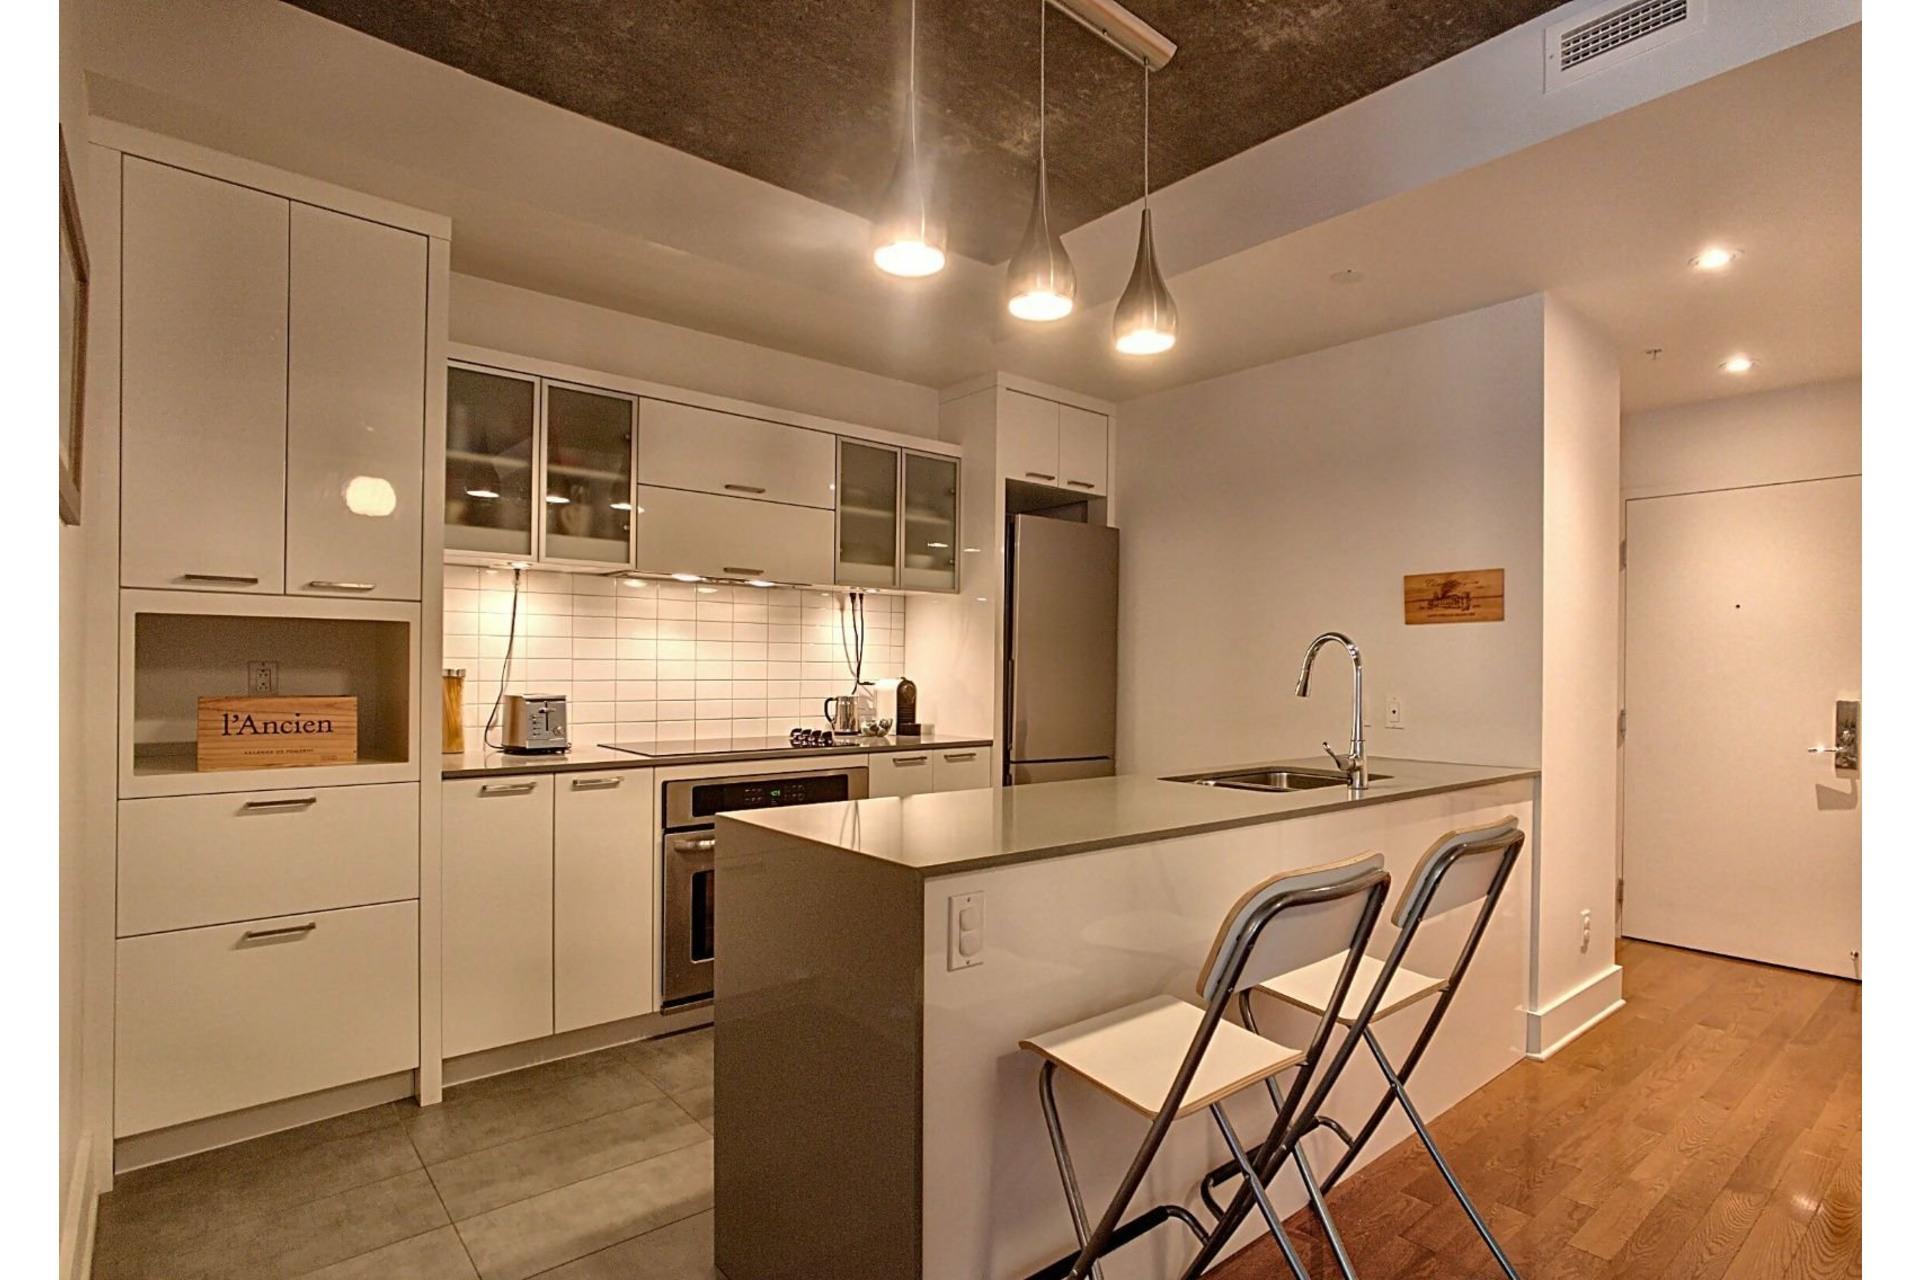 image 6 - Apartment For sale Le Sud-Ouest Montréal  - 7 rooms